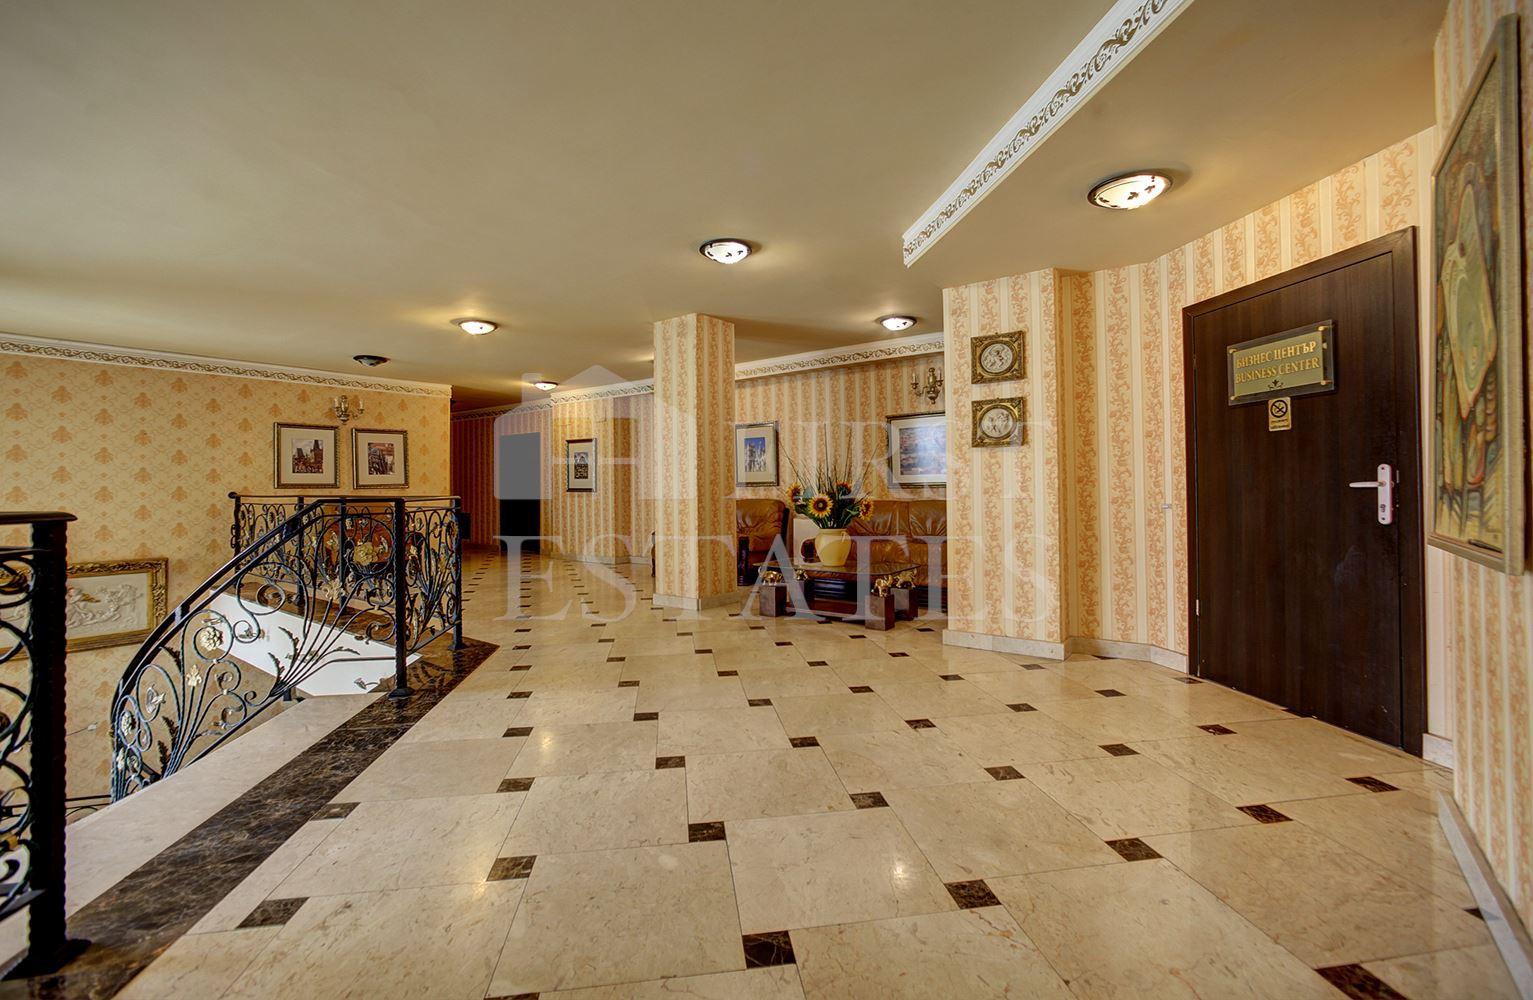 170 m² офис под наем